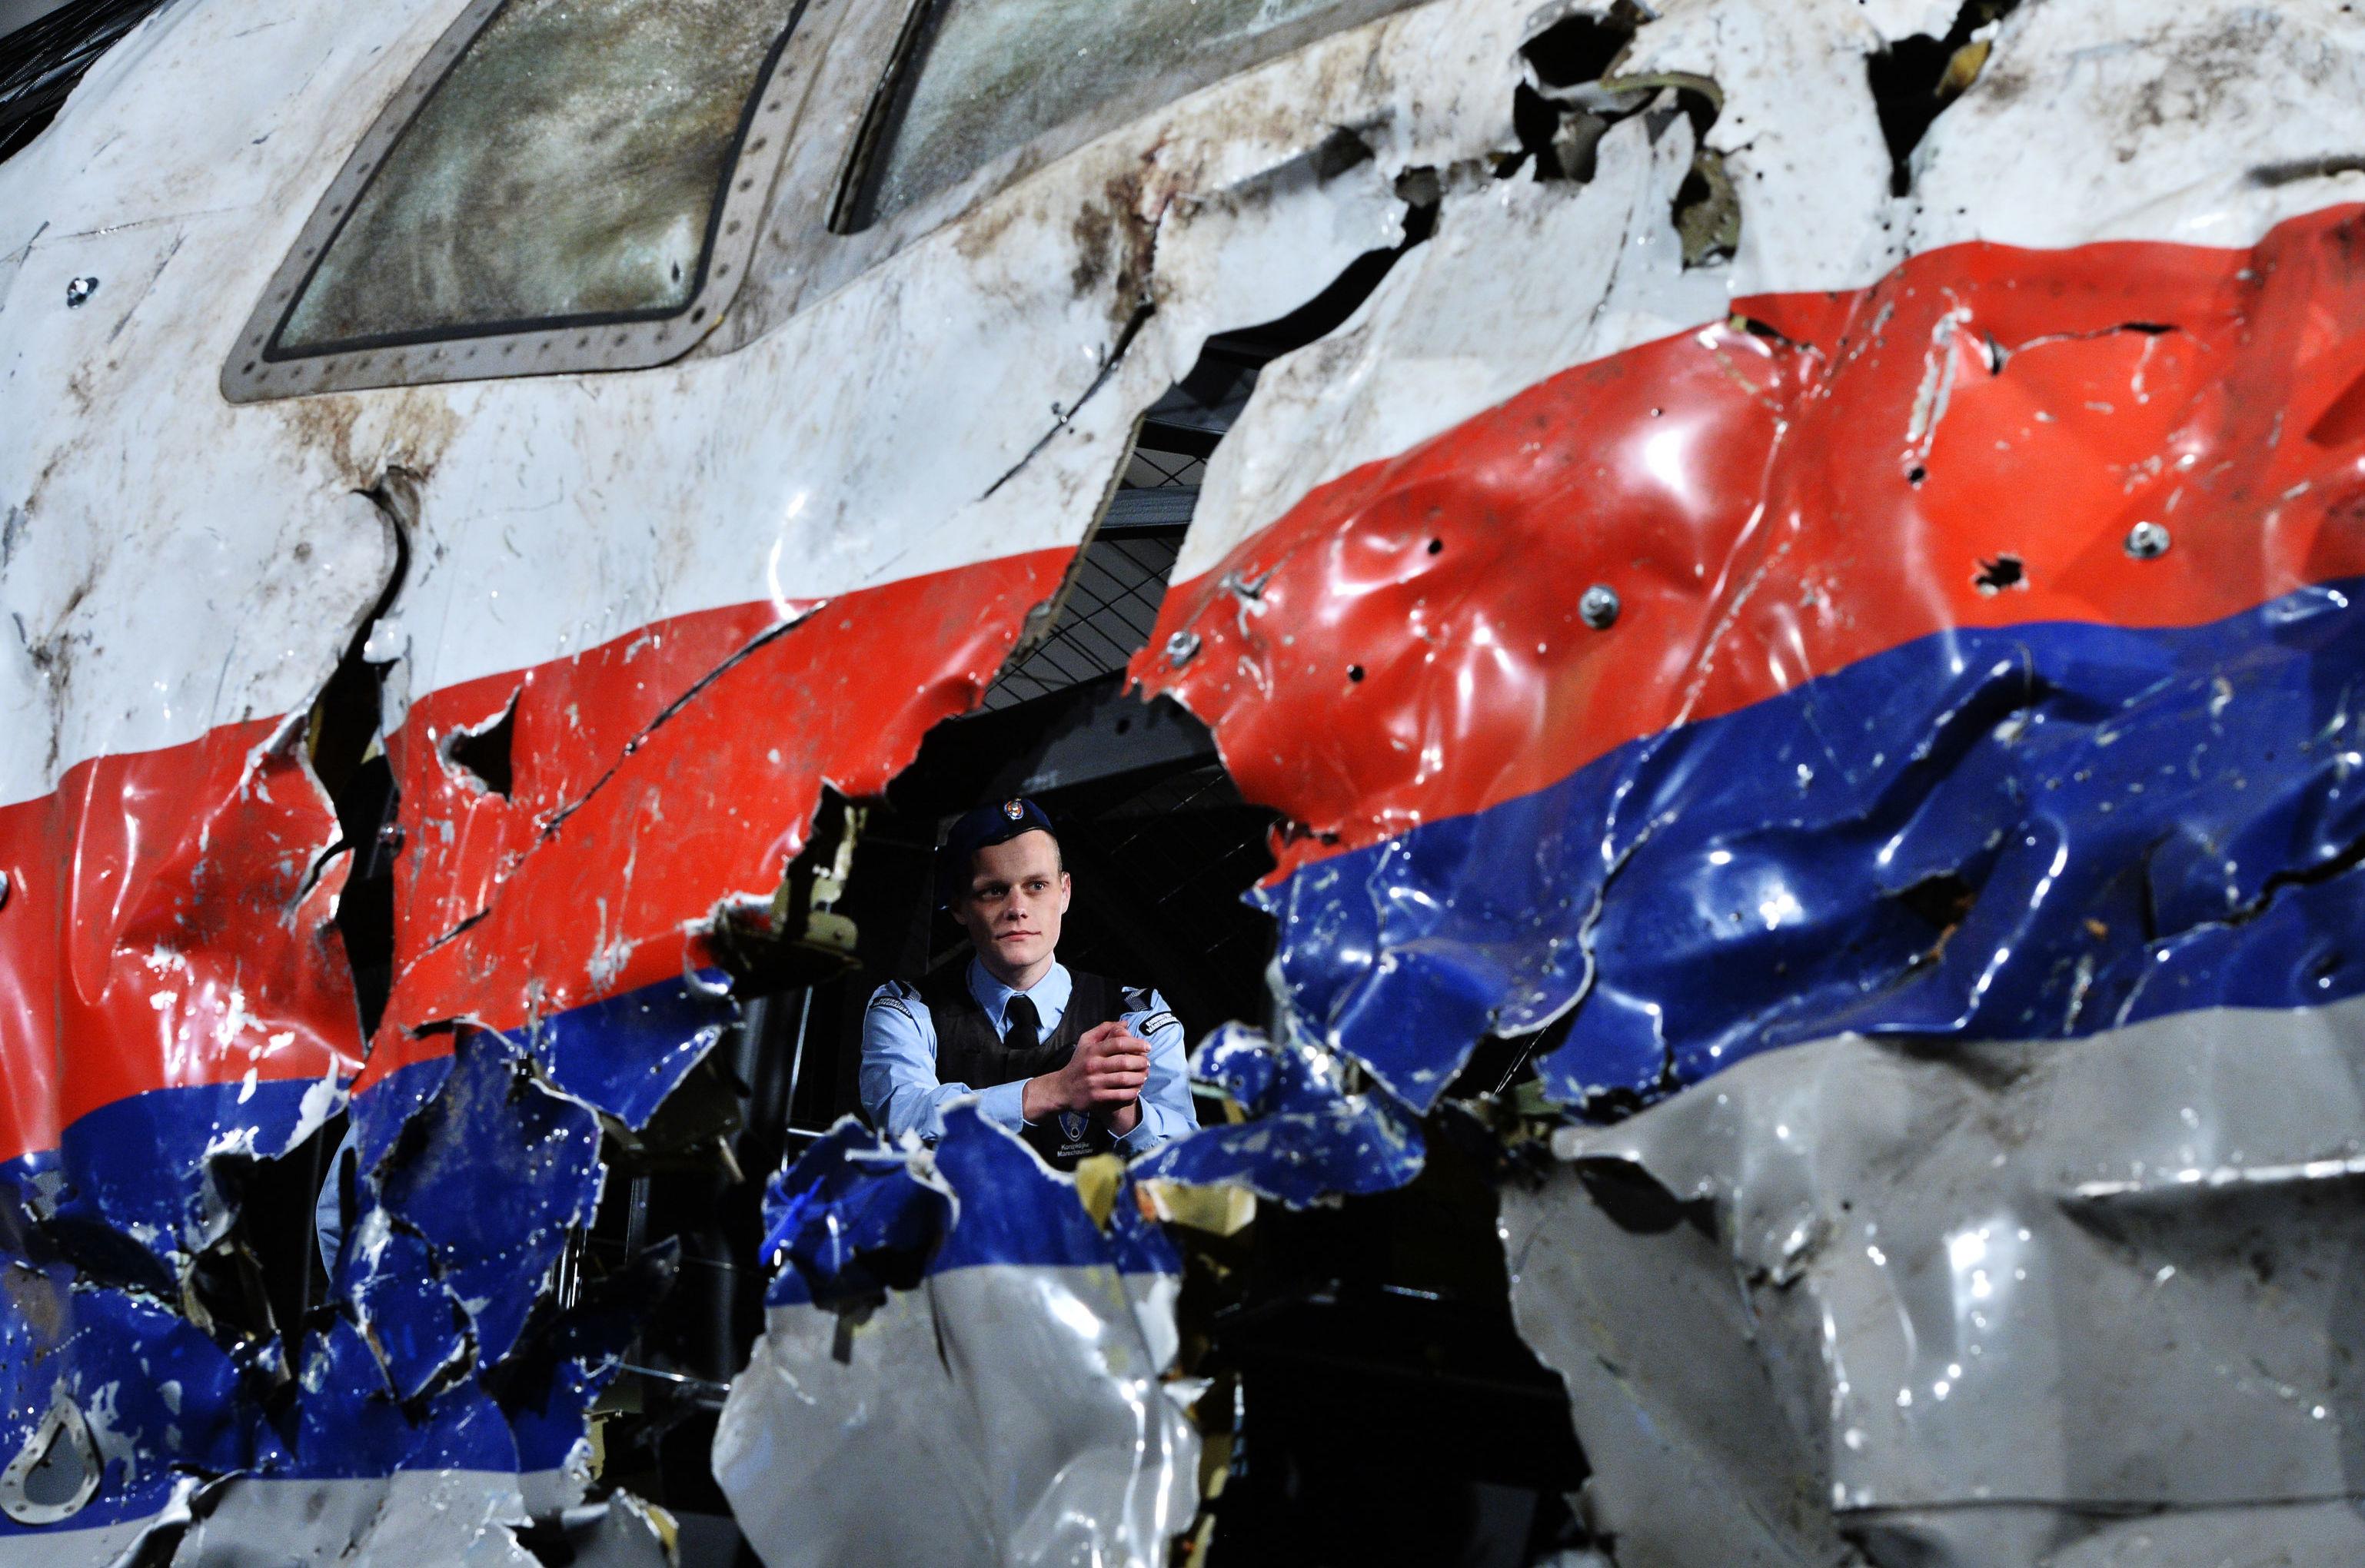 Foto tirada durante reconstrução na Holanda do voo MH17